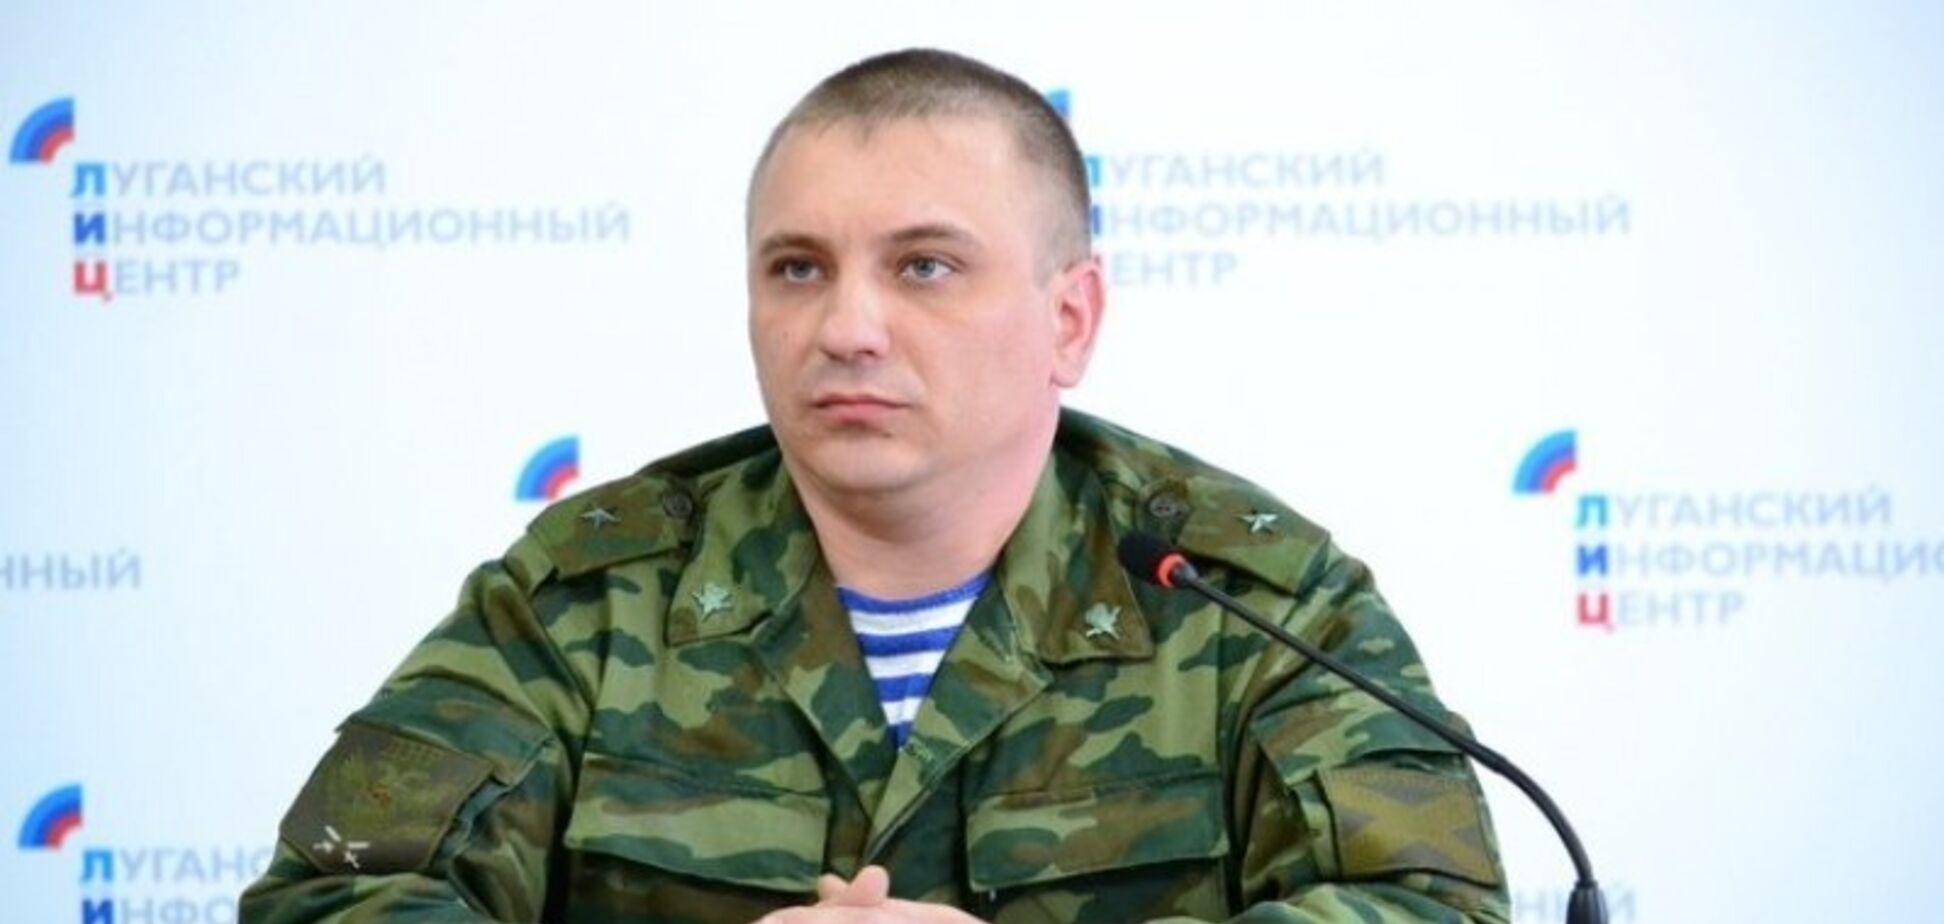 'Тепер посадять на підвал': полковник ЗСУ 'перевербував' спікера терористів